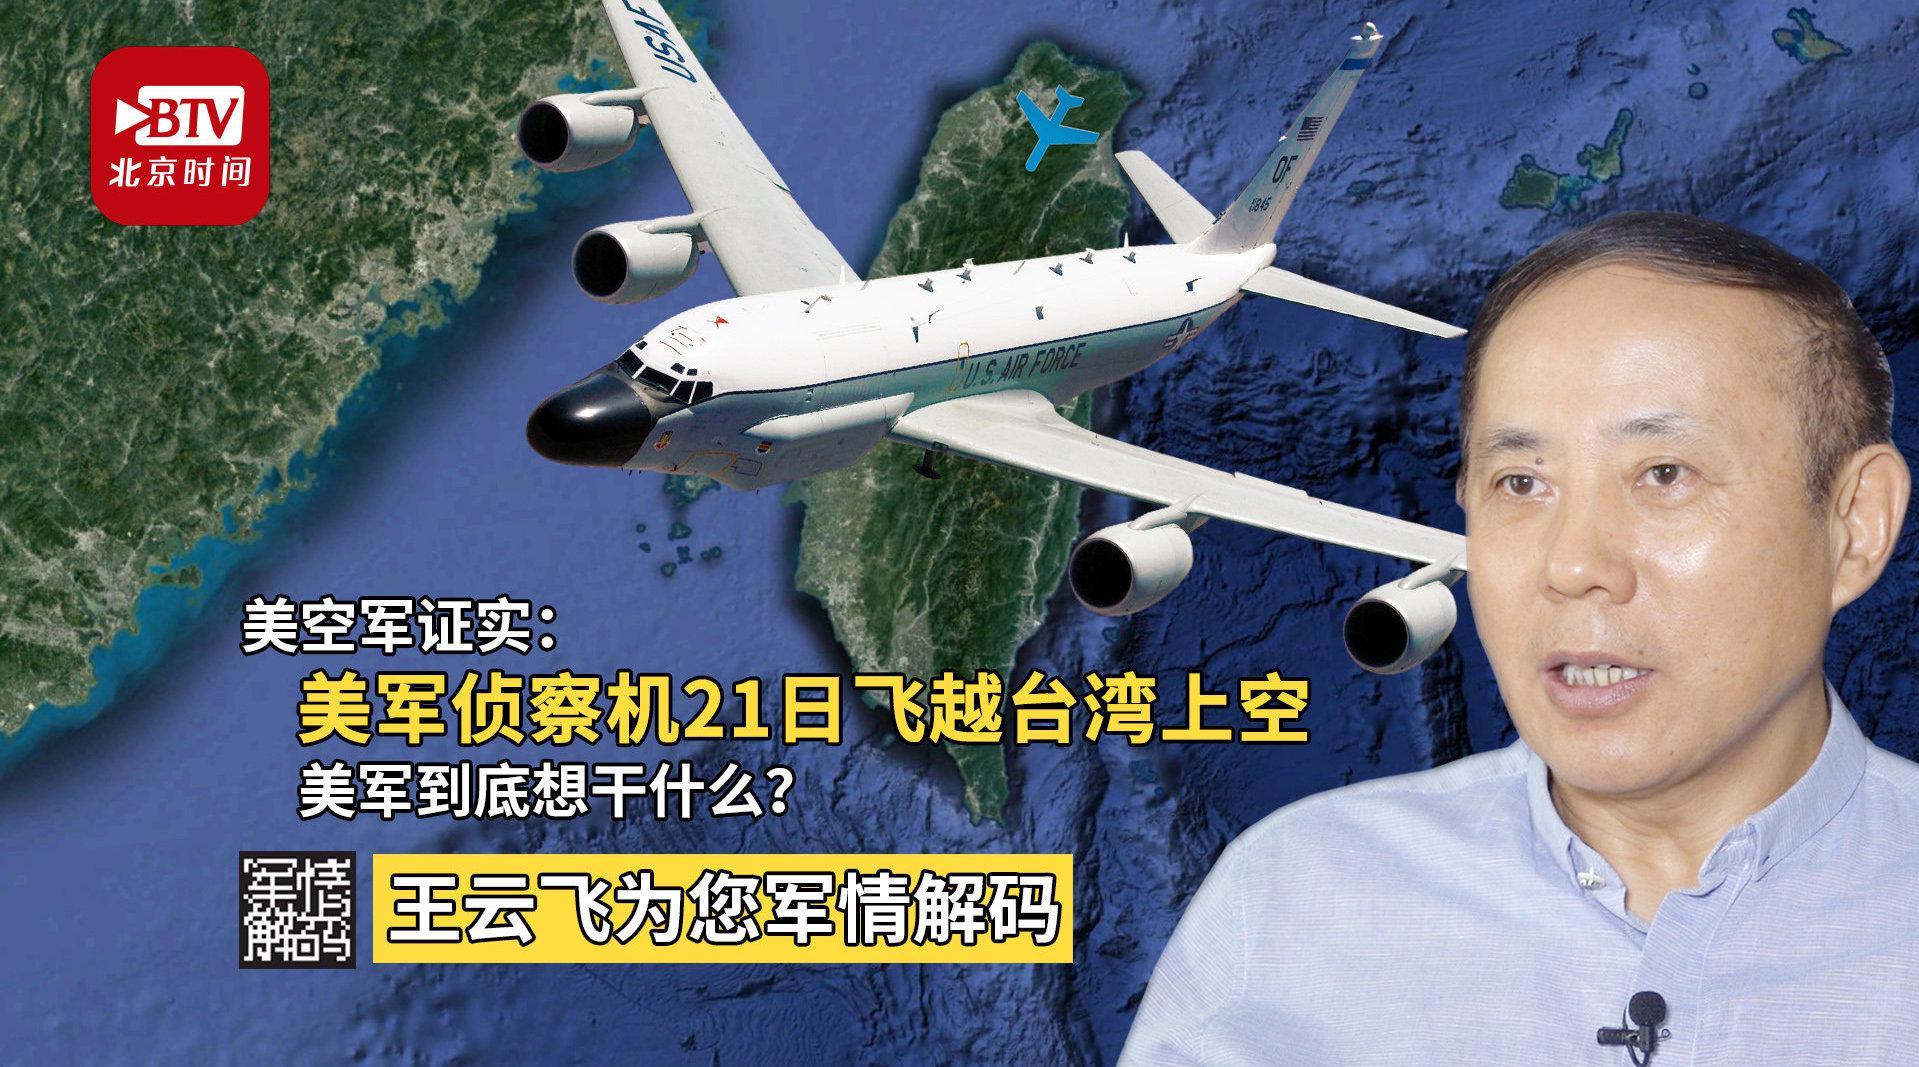 美空军证实:美军侦察机21日飞越台湾上空